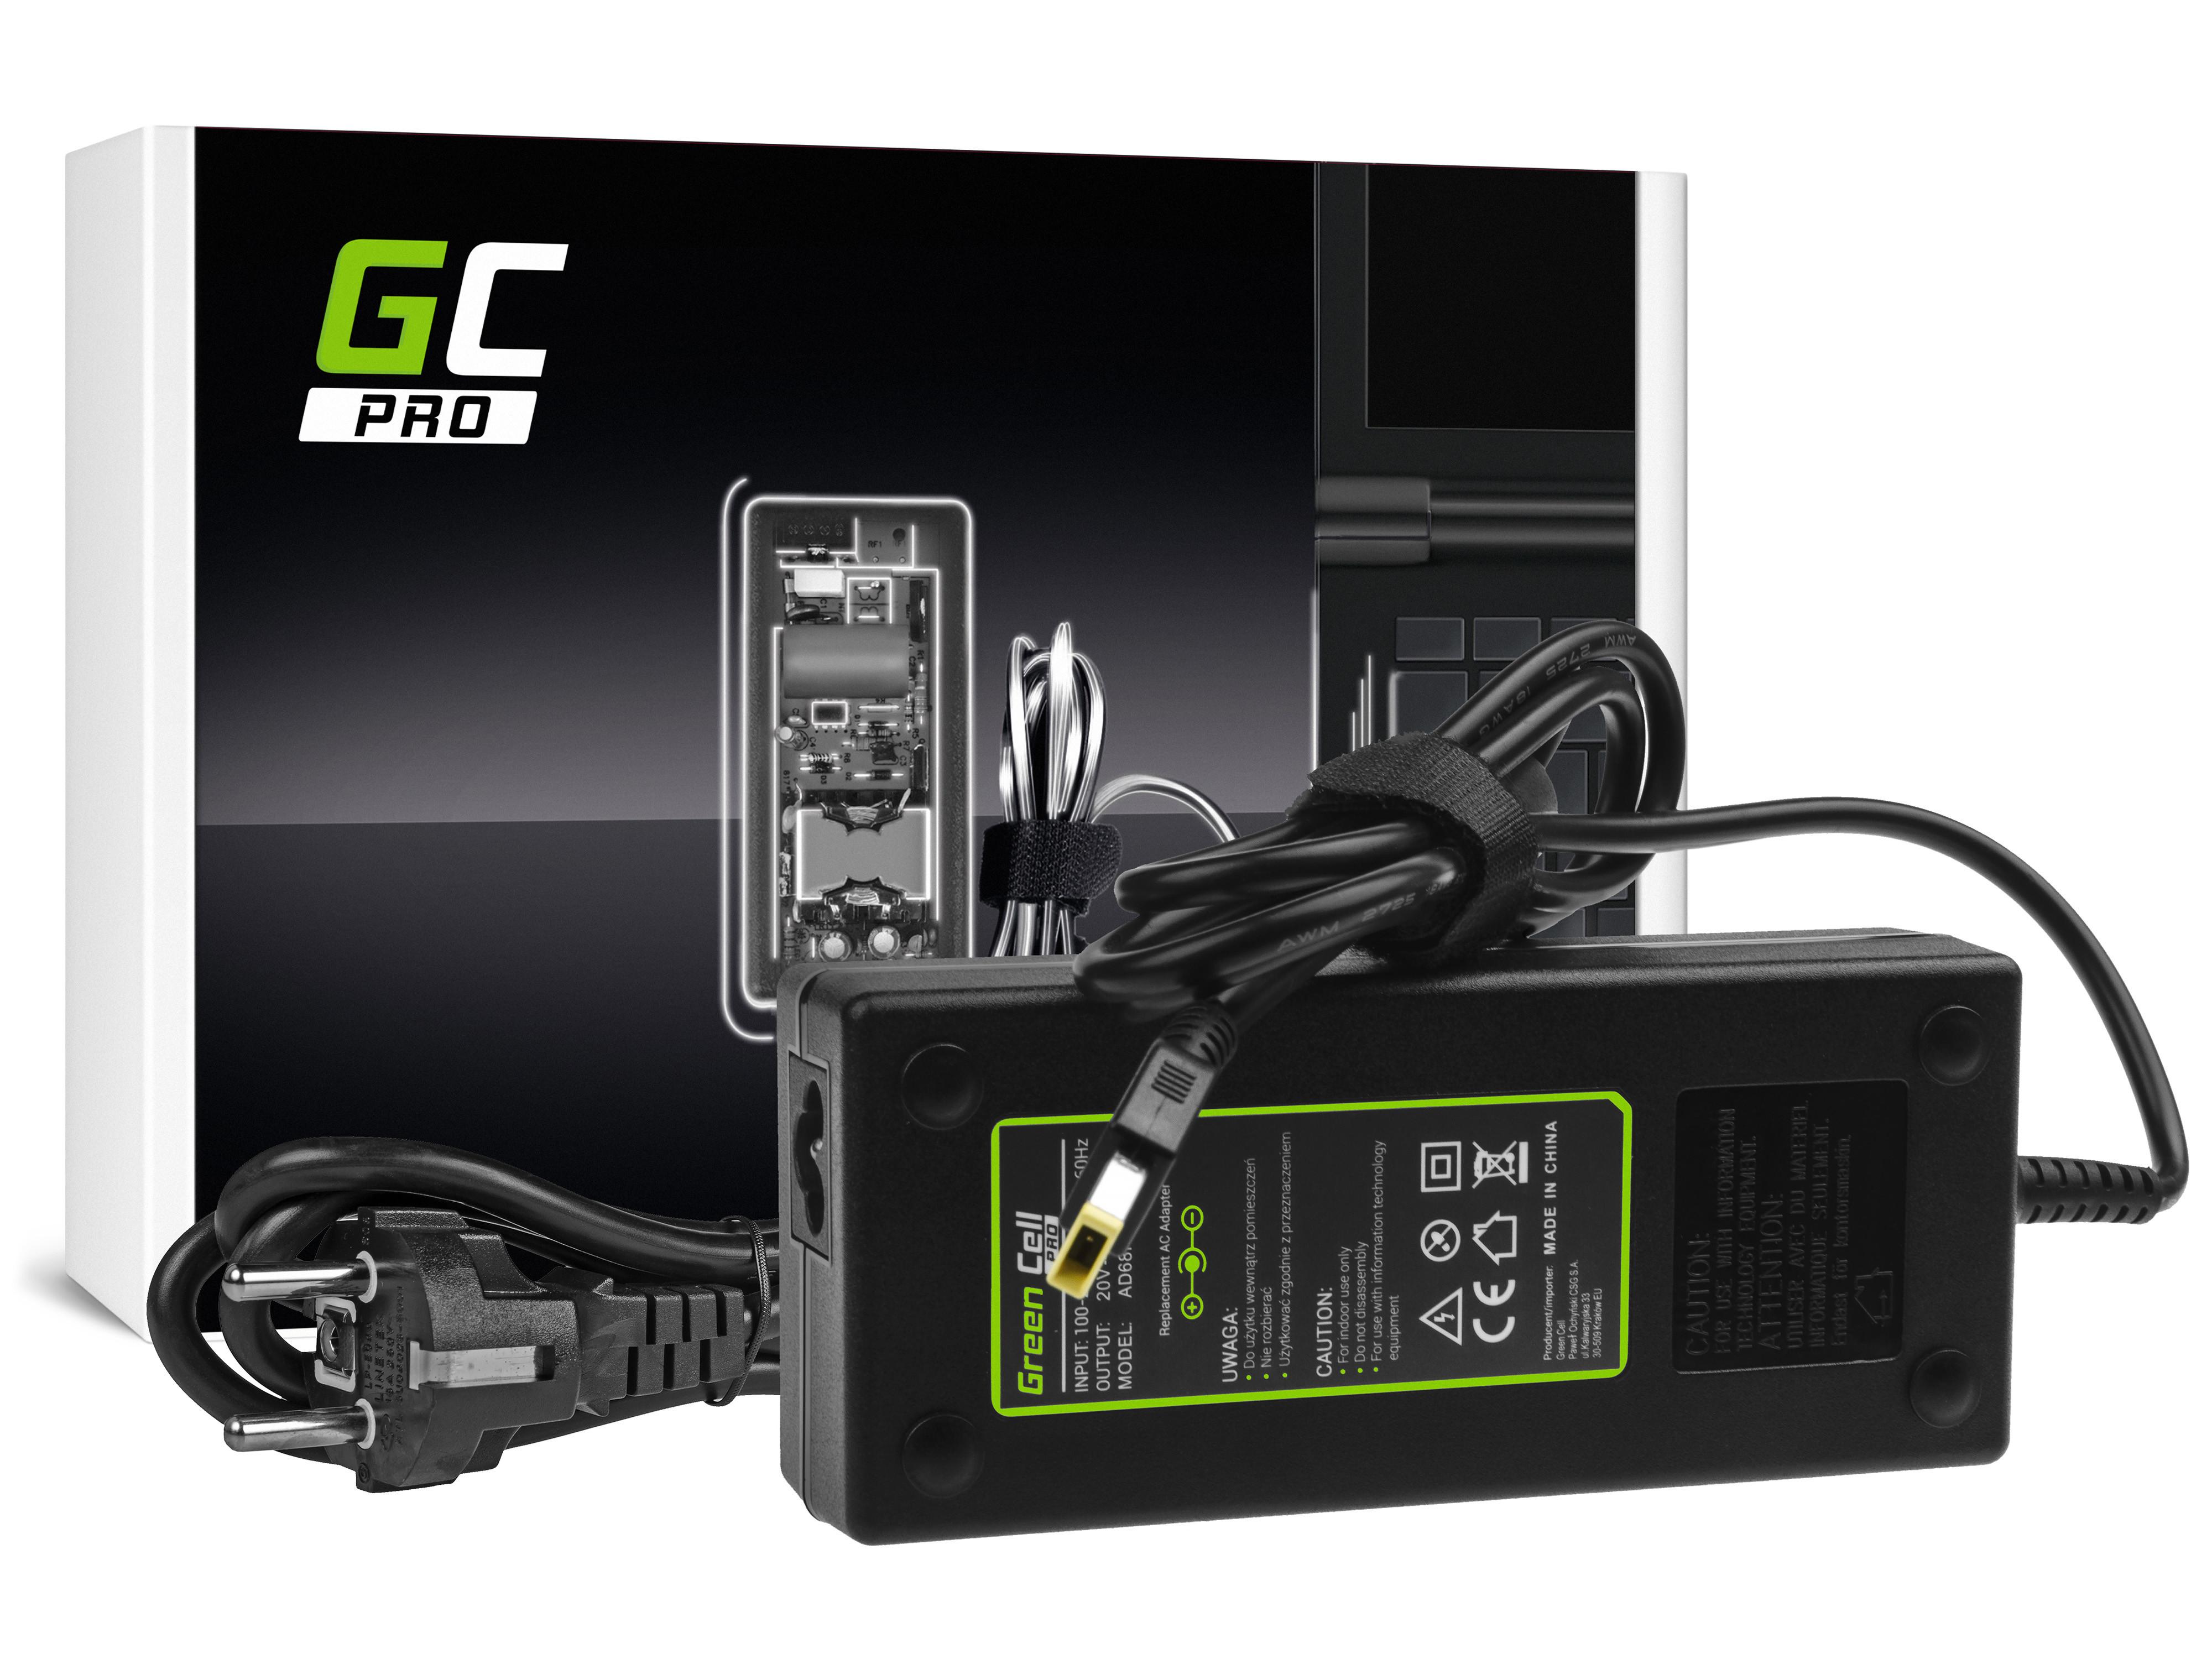 Green Cell PRO Charger  AC Adapter for Lenovo Y70 Y50-70 Y70 Y70-70 Y520 Y700 Z710 700-15ISK ThinkPad W540 T4 20V 6.75A 135W